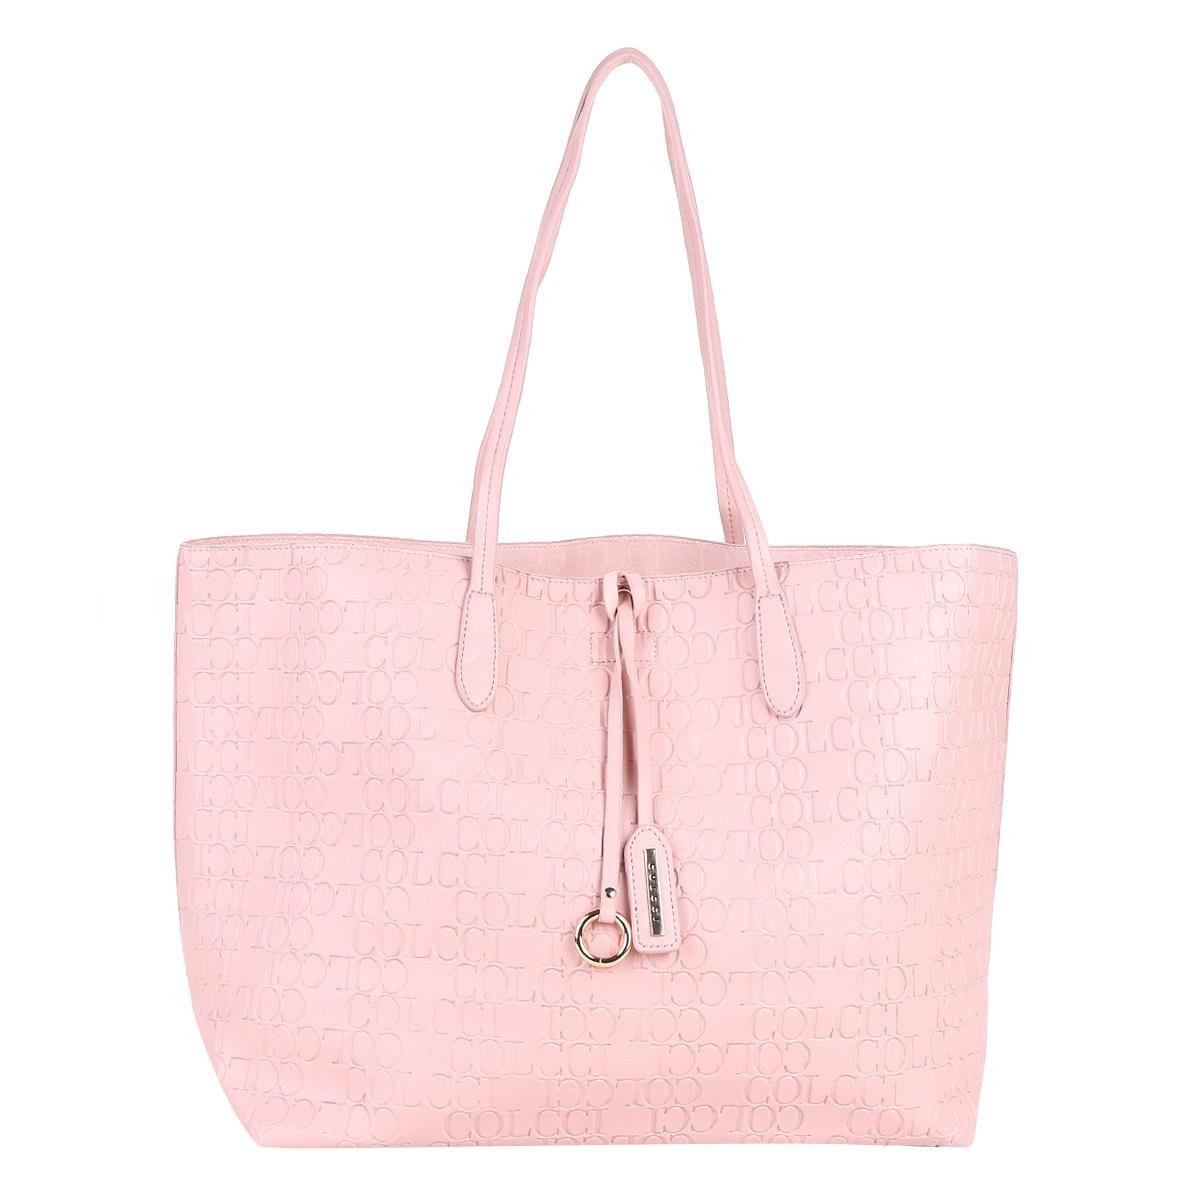 b8a1e3411 bolsa colcci tote shopper logo feminina - tamanho único. Carregando zoom.